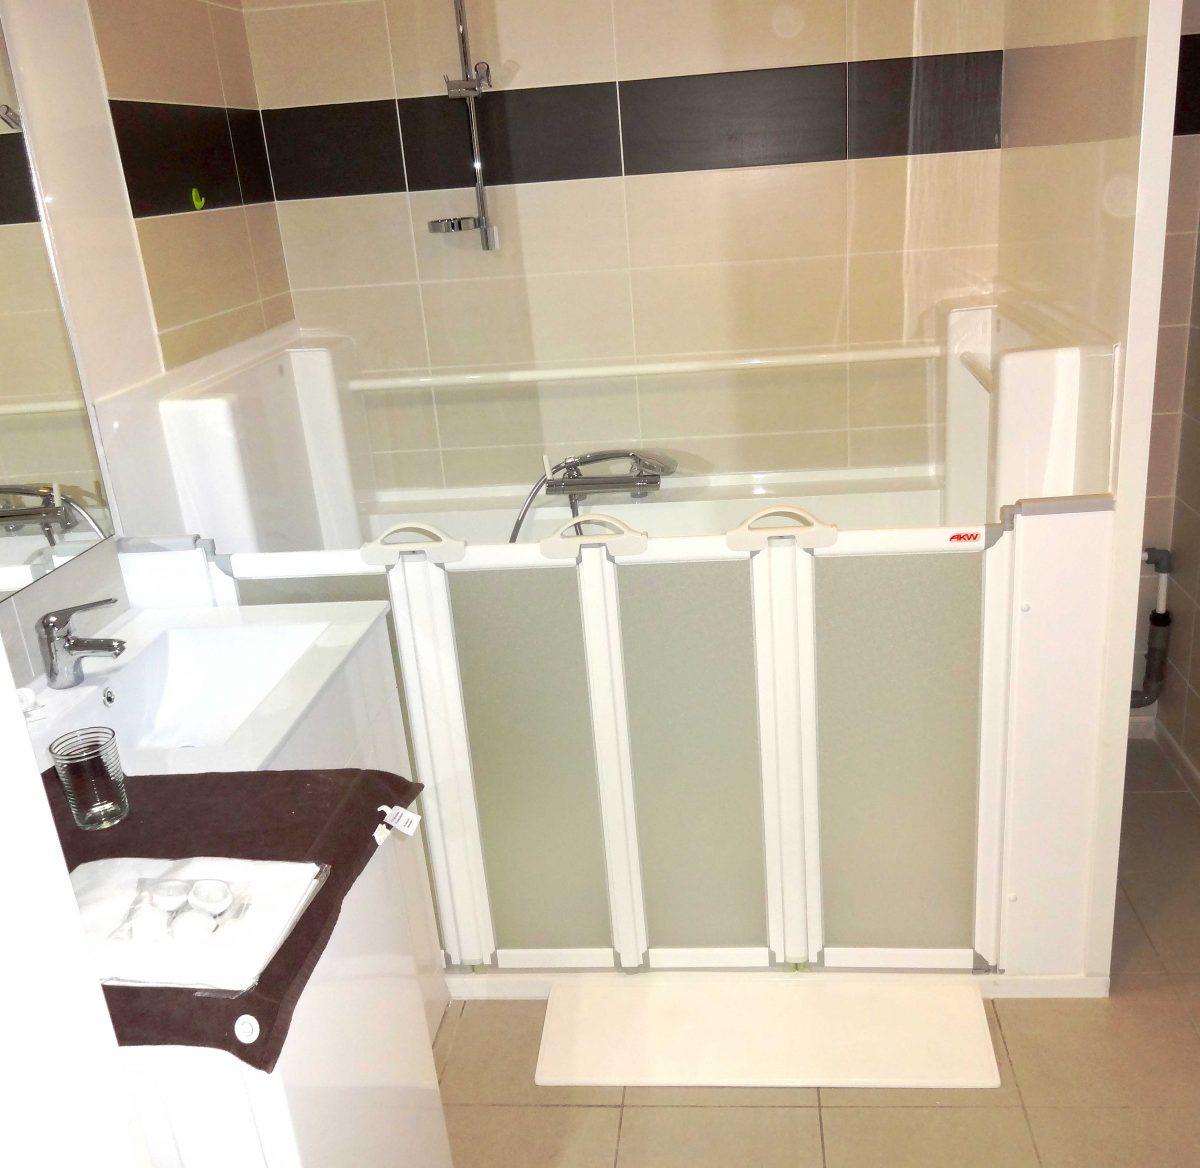 Aménagement salle de bain pour handicapé et senior, installation